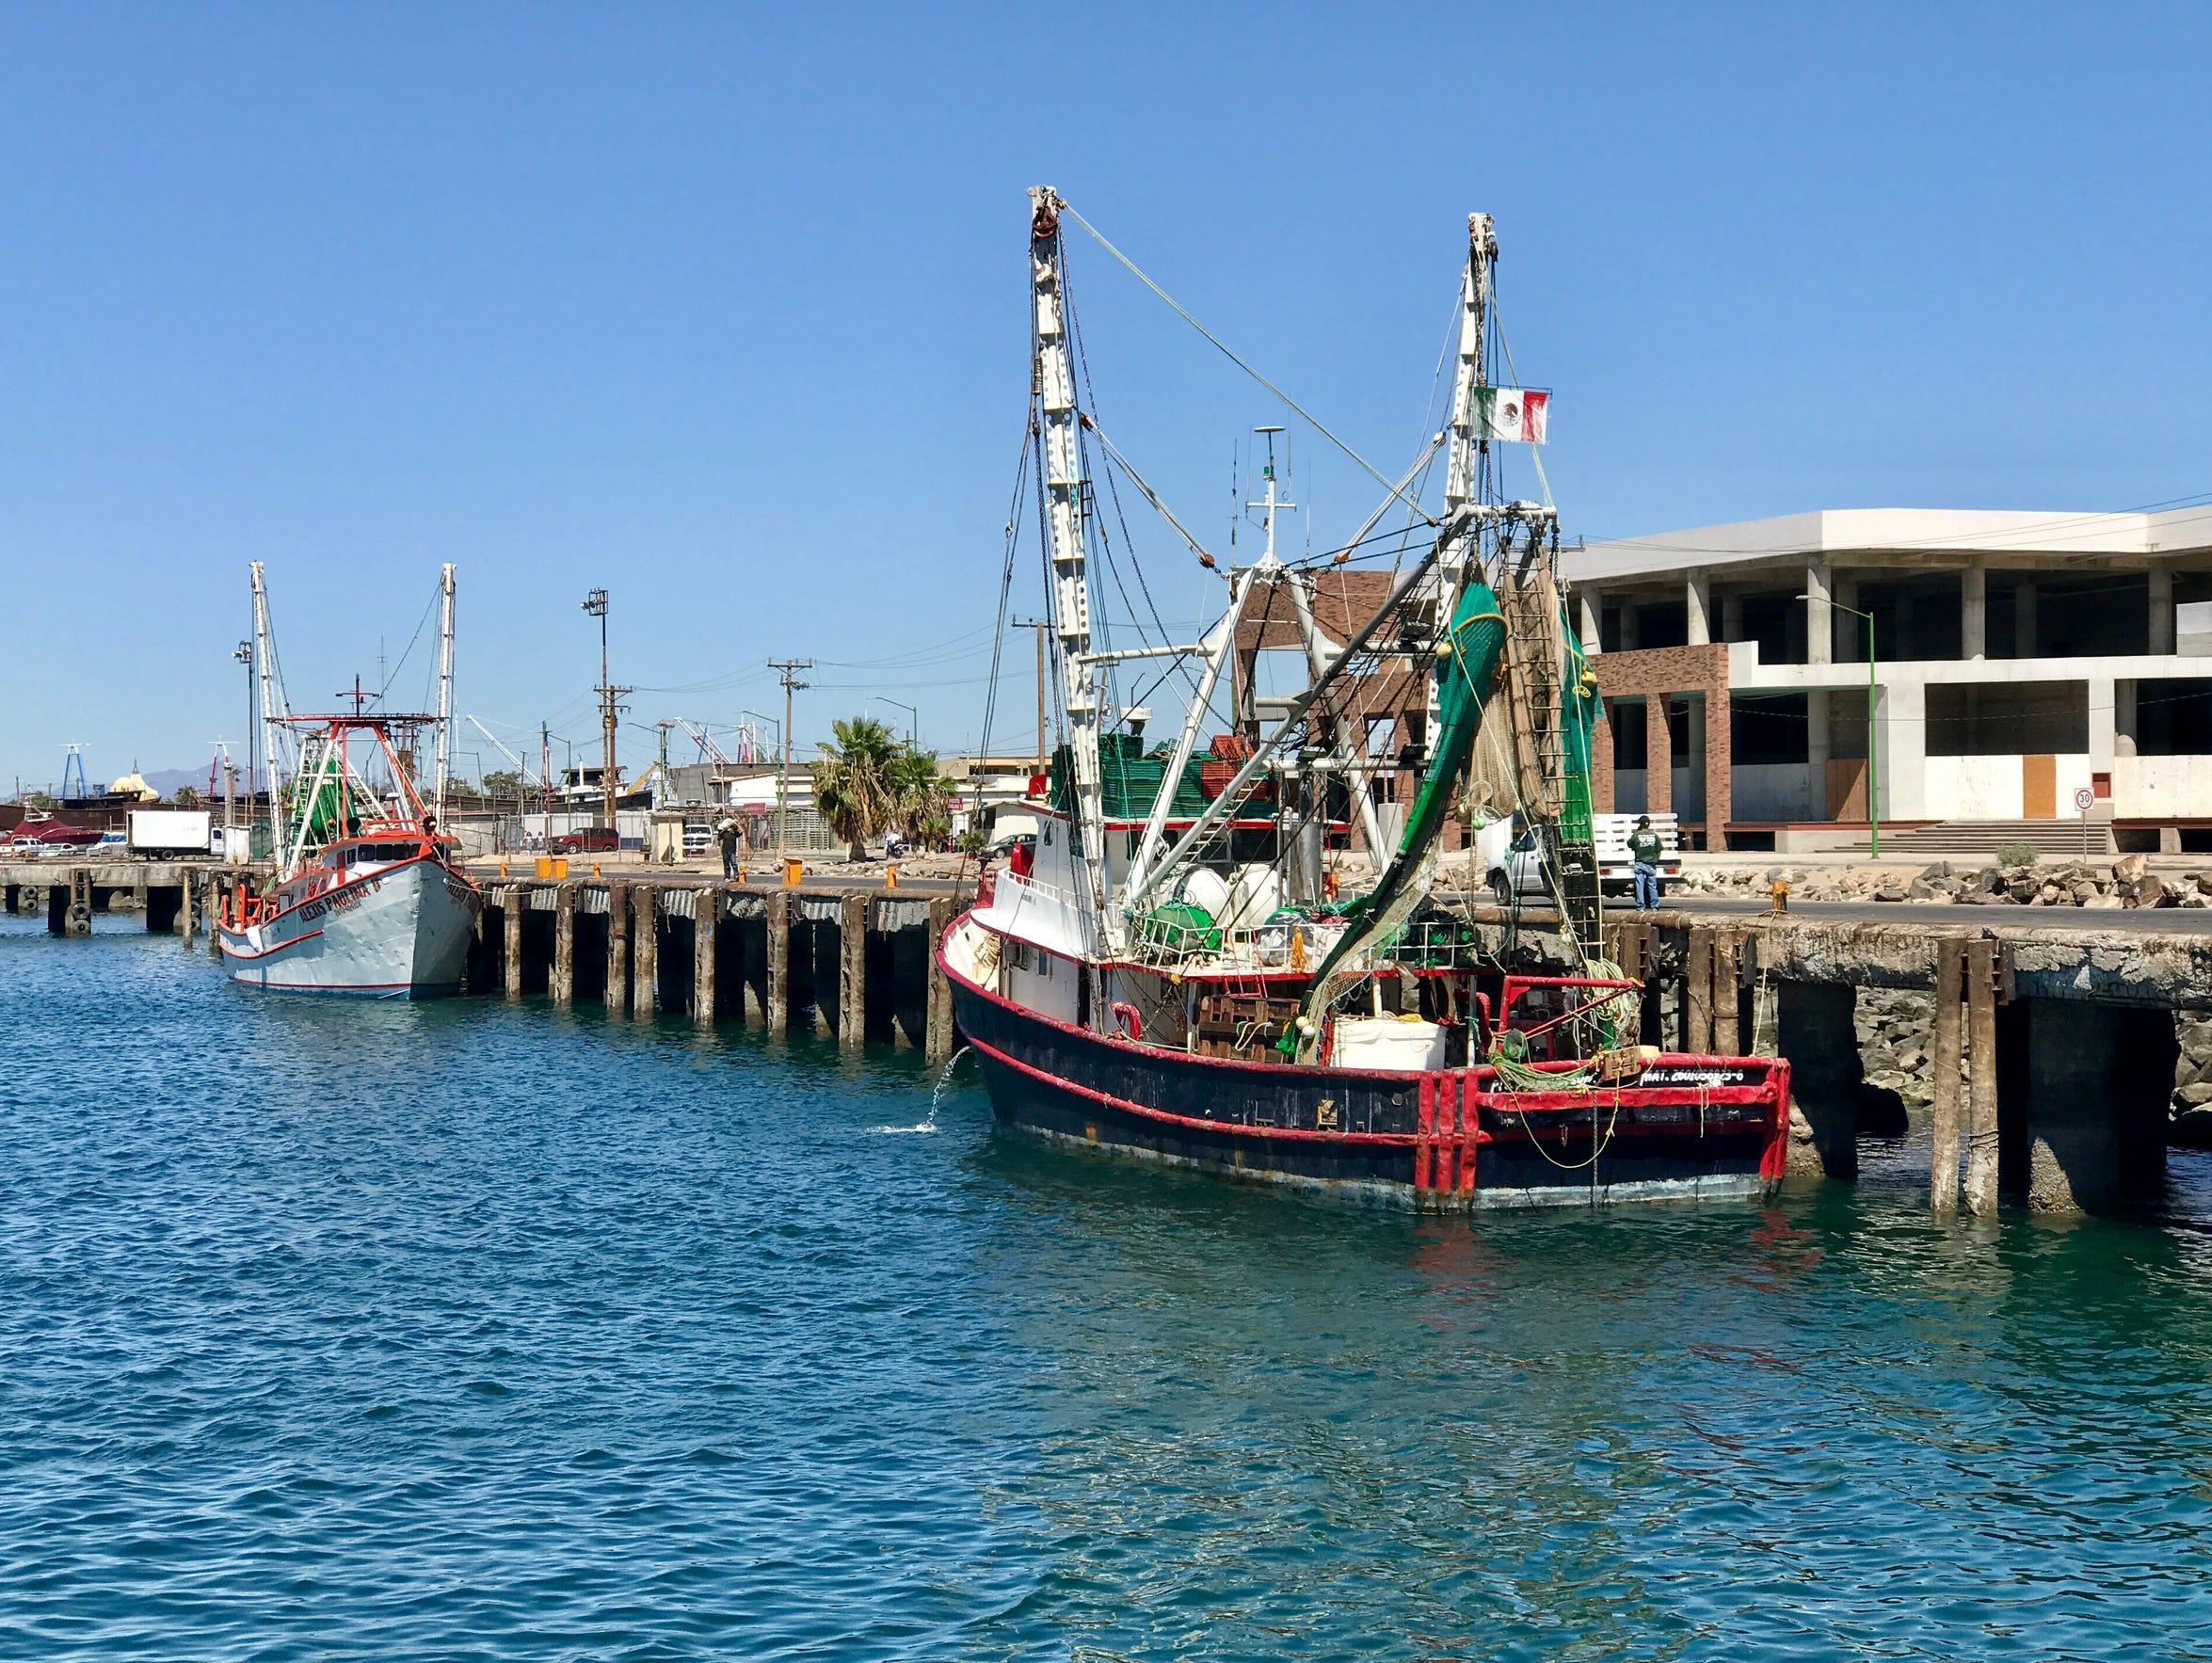 A shrimp boat in Puerto Peñasco